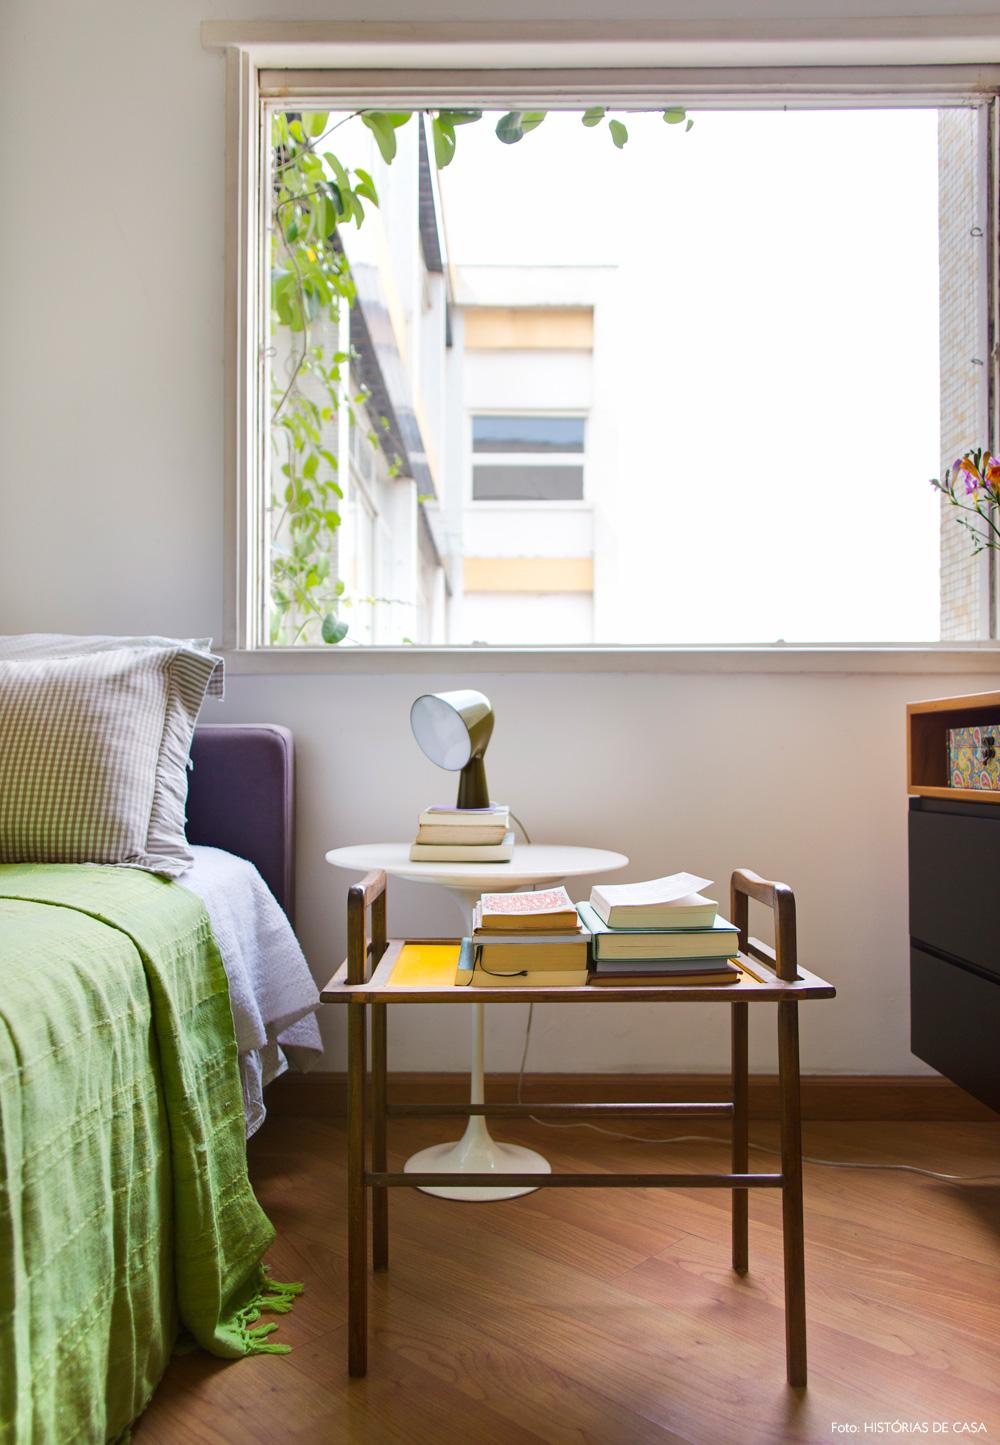 36-decoracao-quarto-criado-mudo-vintage-trepadeira-janela